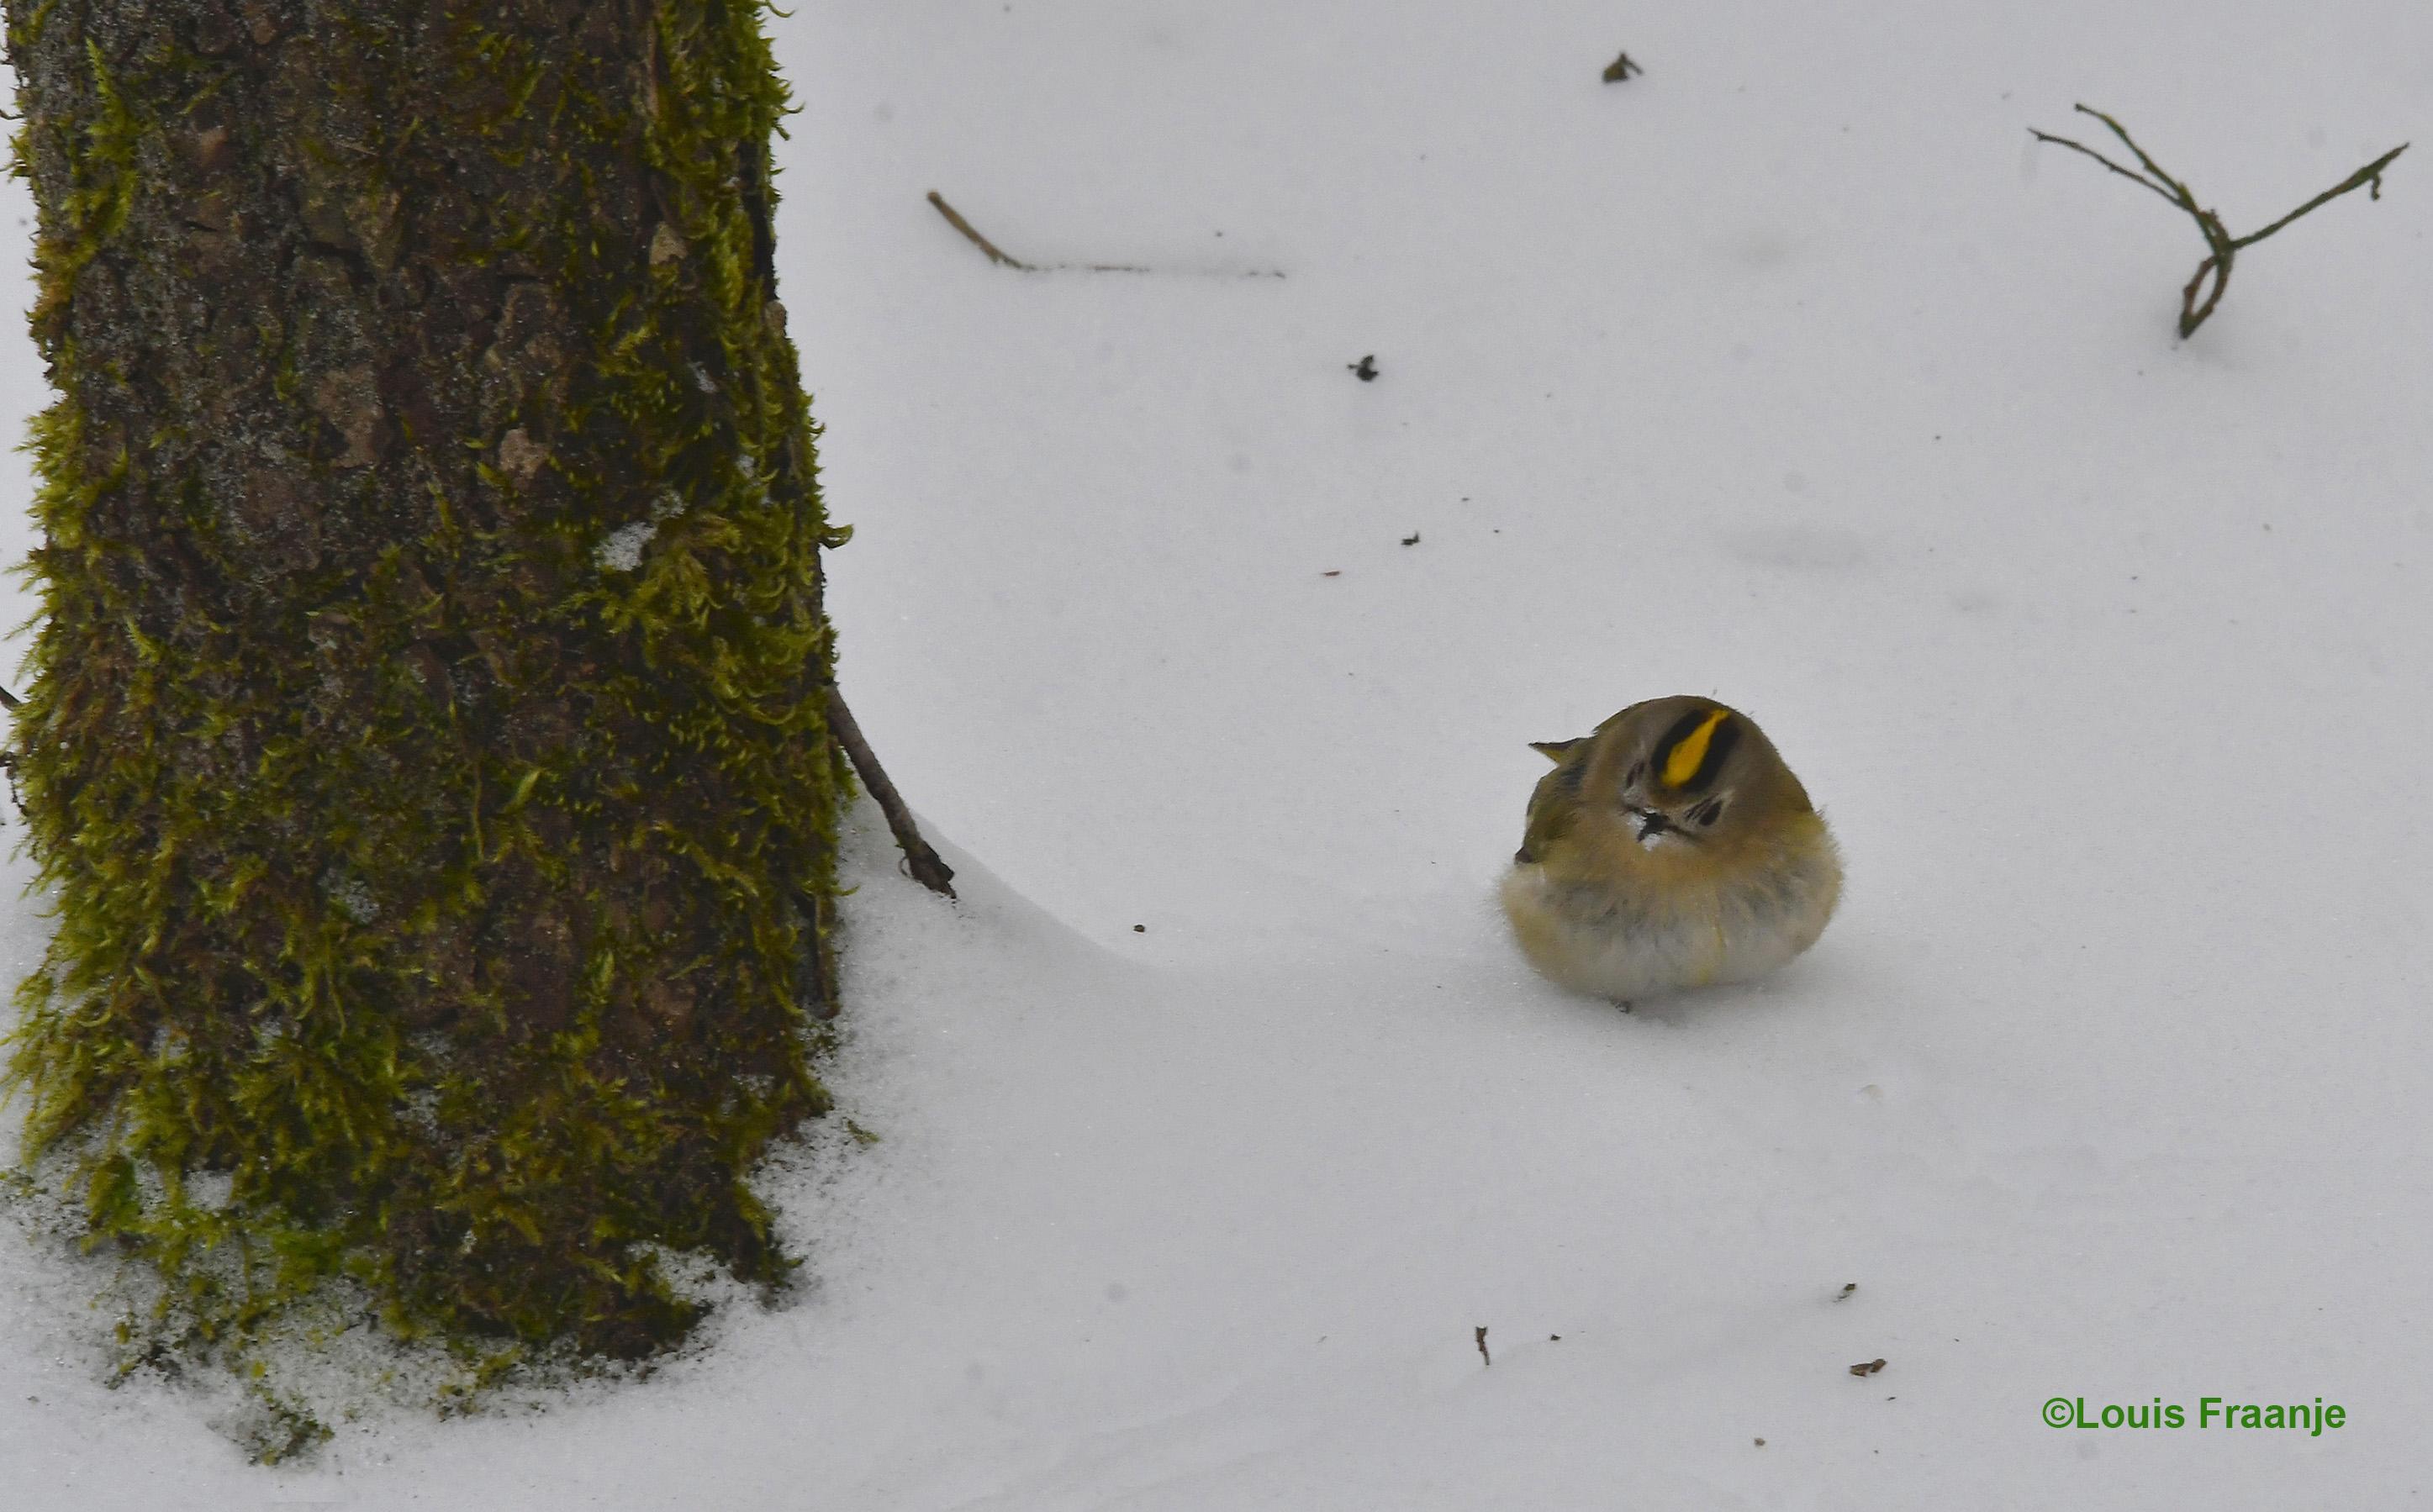 Voor zo'n heel klein vogeltje valt het zeker niet mee in de sneeuw - Foto: ©Louis Fraanje